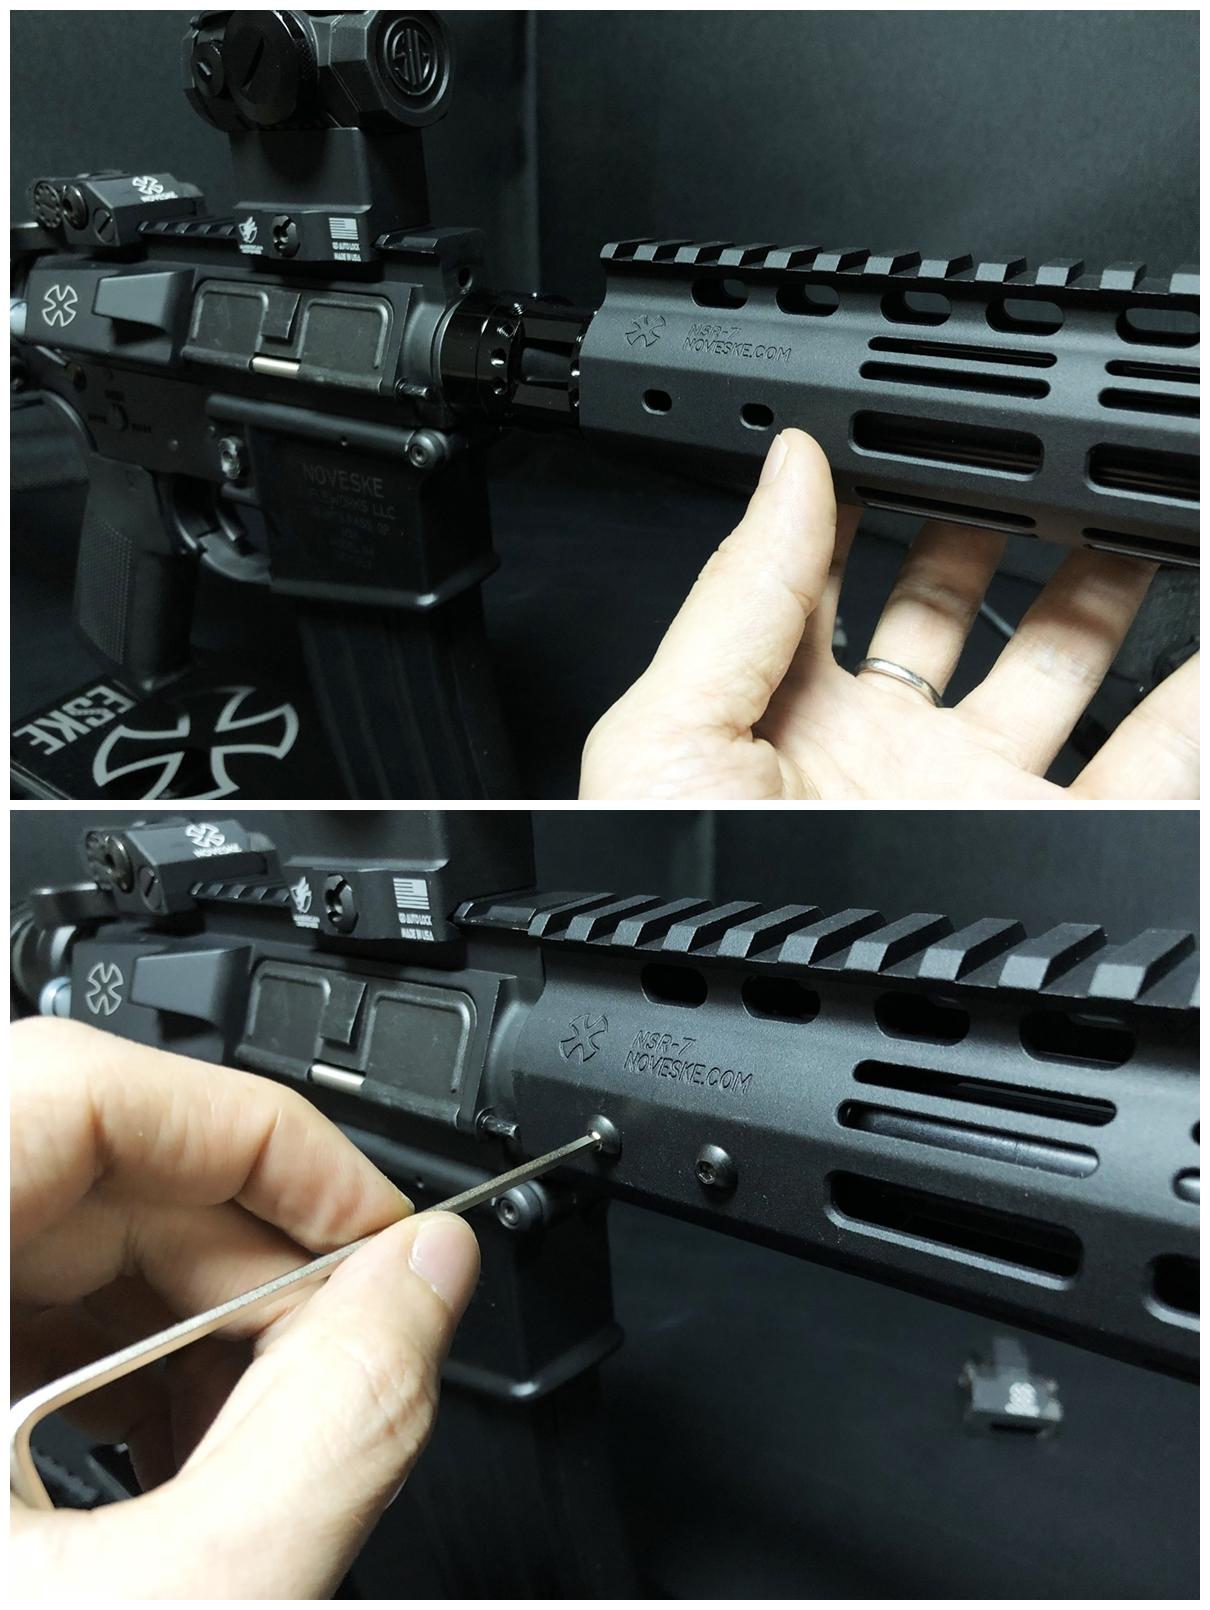 26 『微々たる変化』と『微々たる進化』 IRON vs 5KU M-LOK NSR NOVESKE TYPE N4 M4 AR15 ハンドガード 購入 分解 交換 検証 取付 レビュー